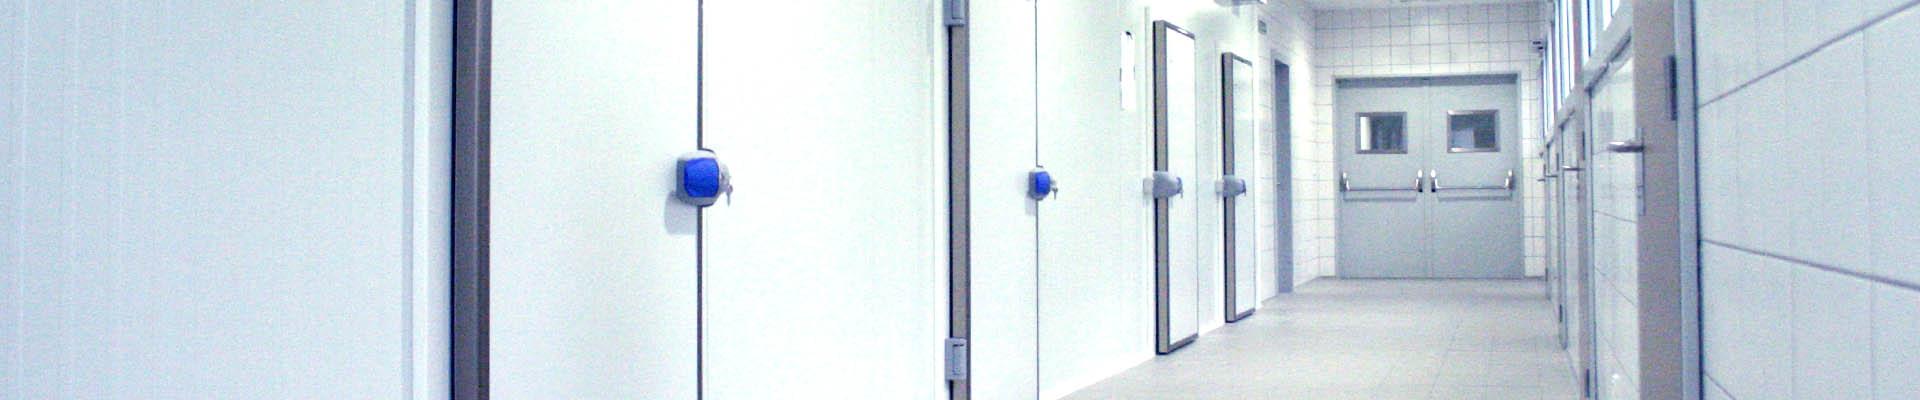 Puertas frigoríficas Doorfrig